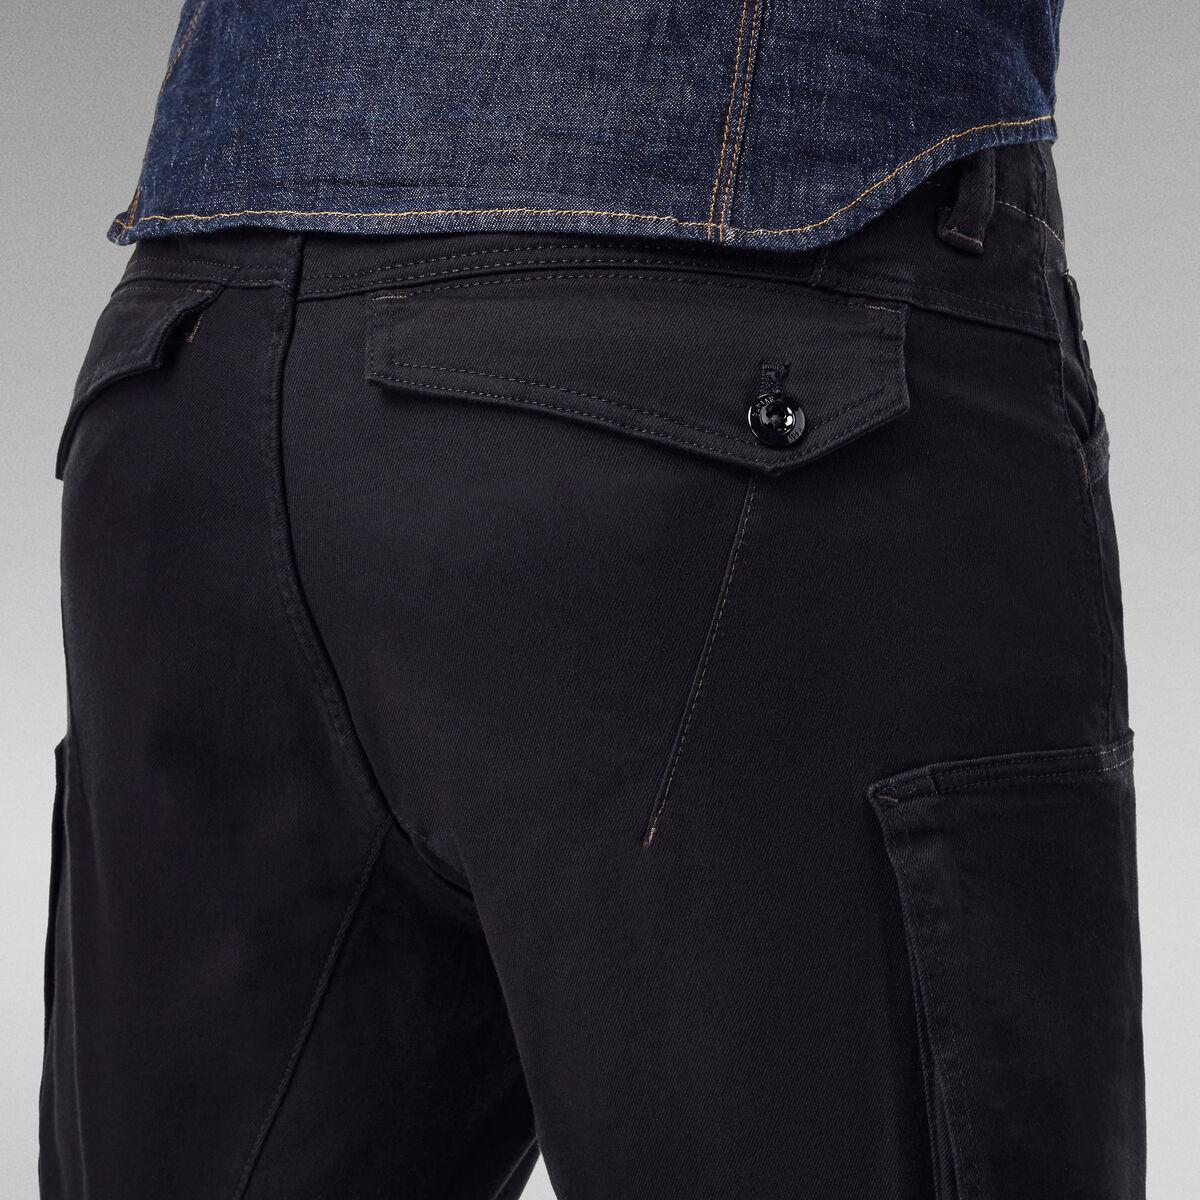 Bild 3 von Zip Pocket 3D Skinny Cargohose